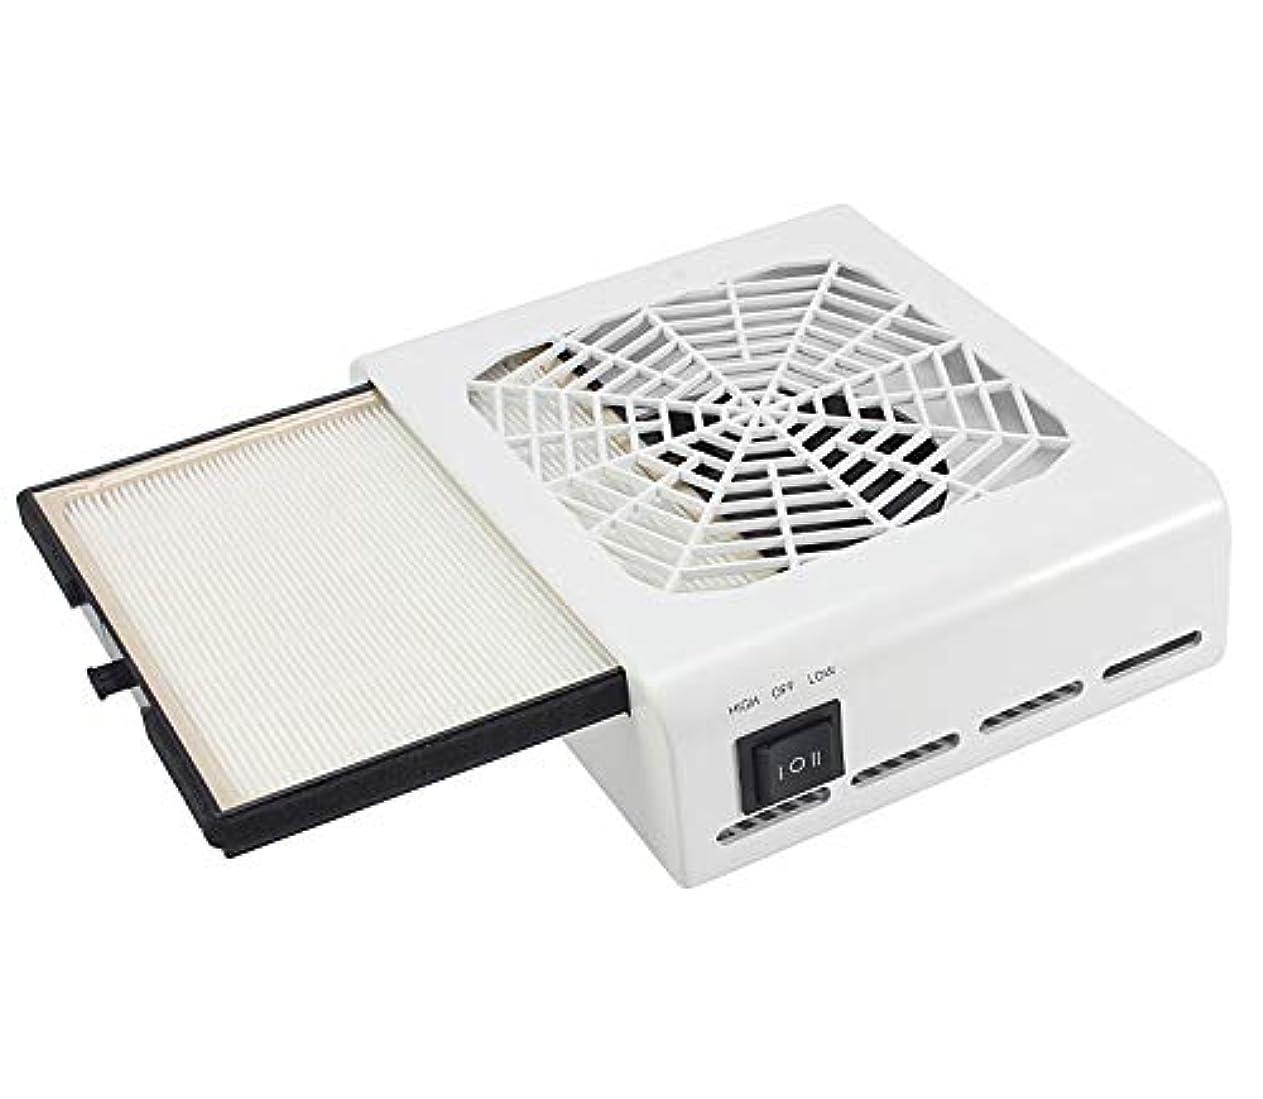 マント処方書き出すネイルダスト 集塵機 ジェルネイル ネイル機器 最新版 セルフネイル 低騒音 110V 40W パワー調節可能 白